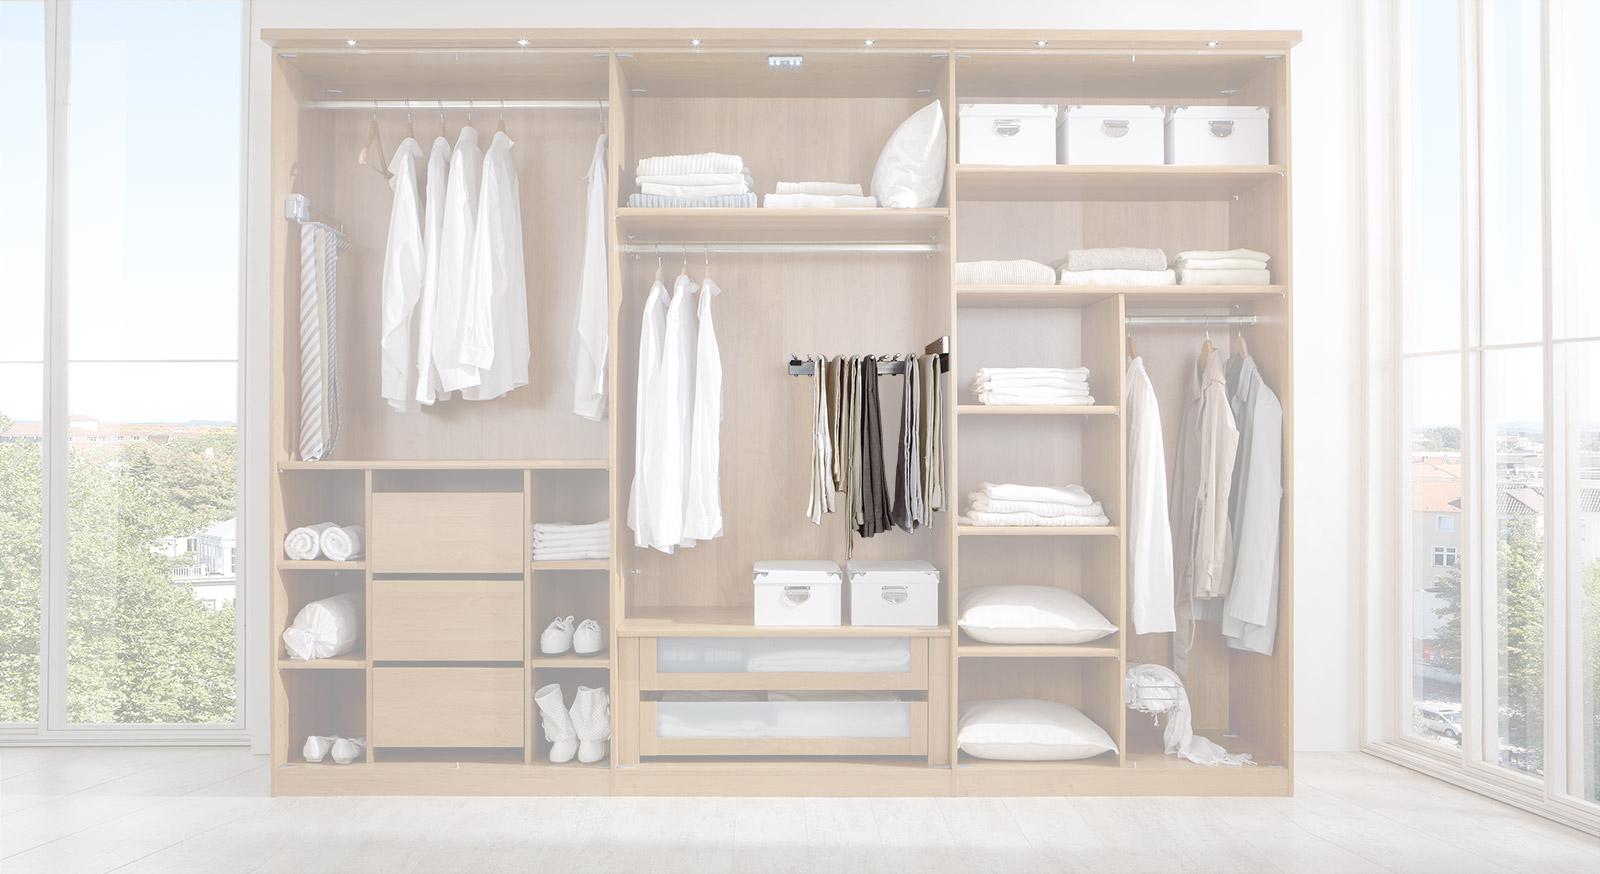 Hosen-Auszug der Innenausstattung für Kleiderschränke